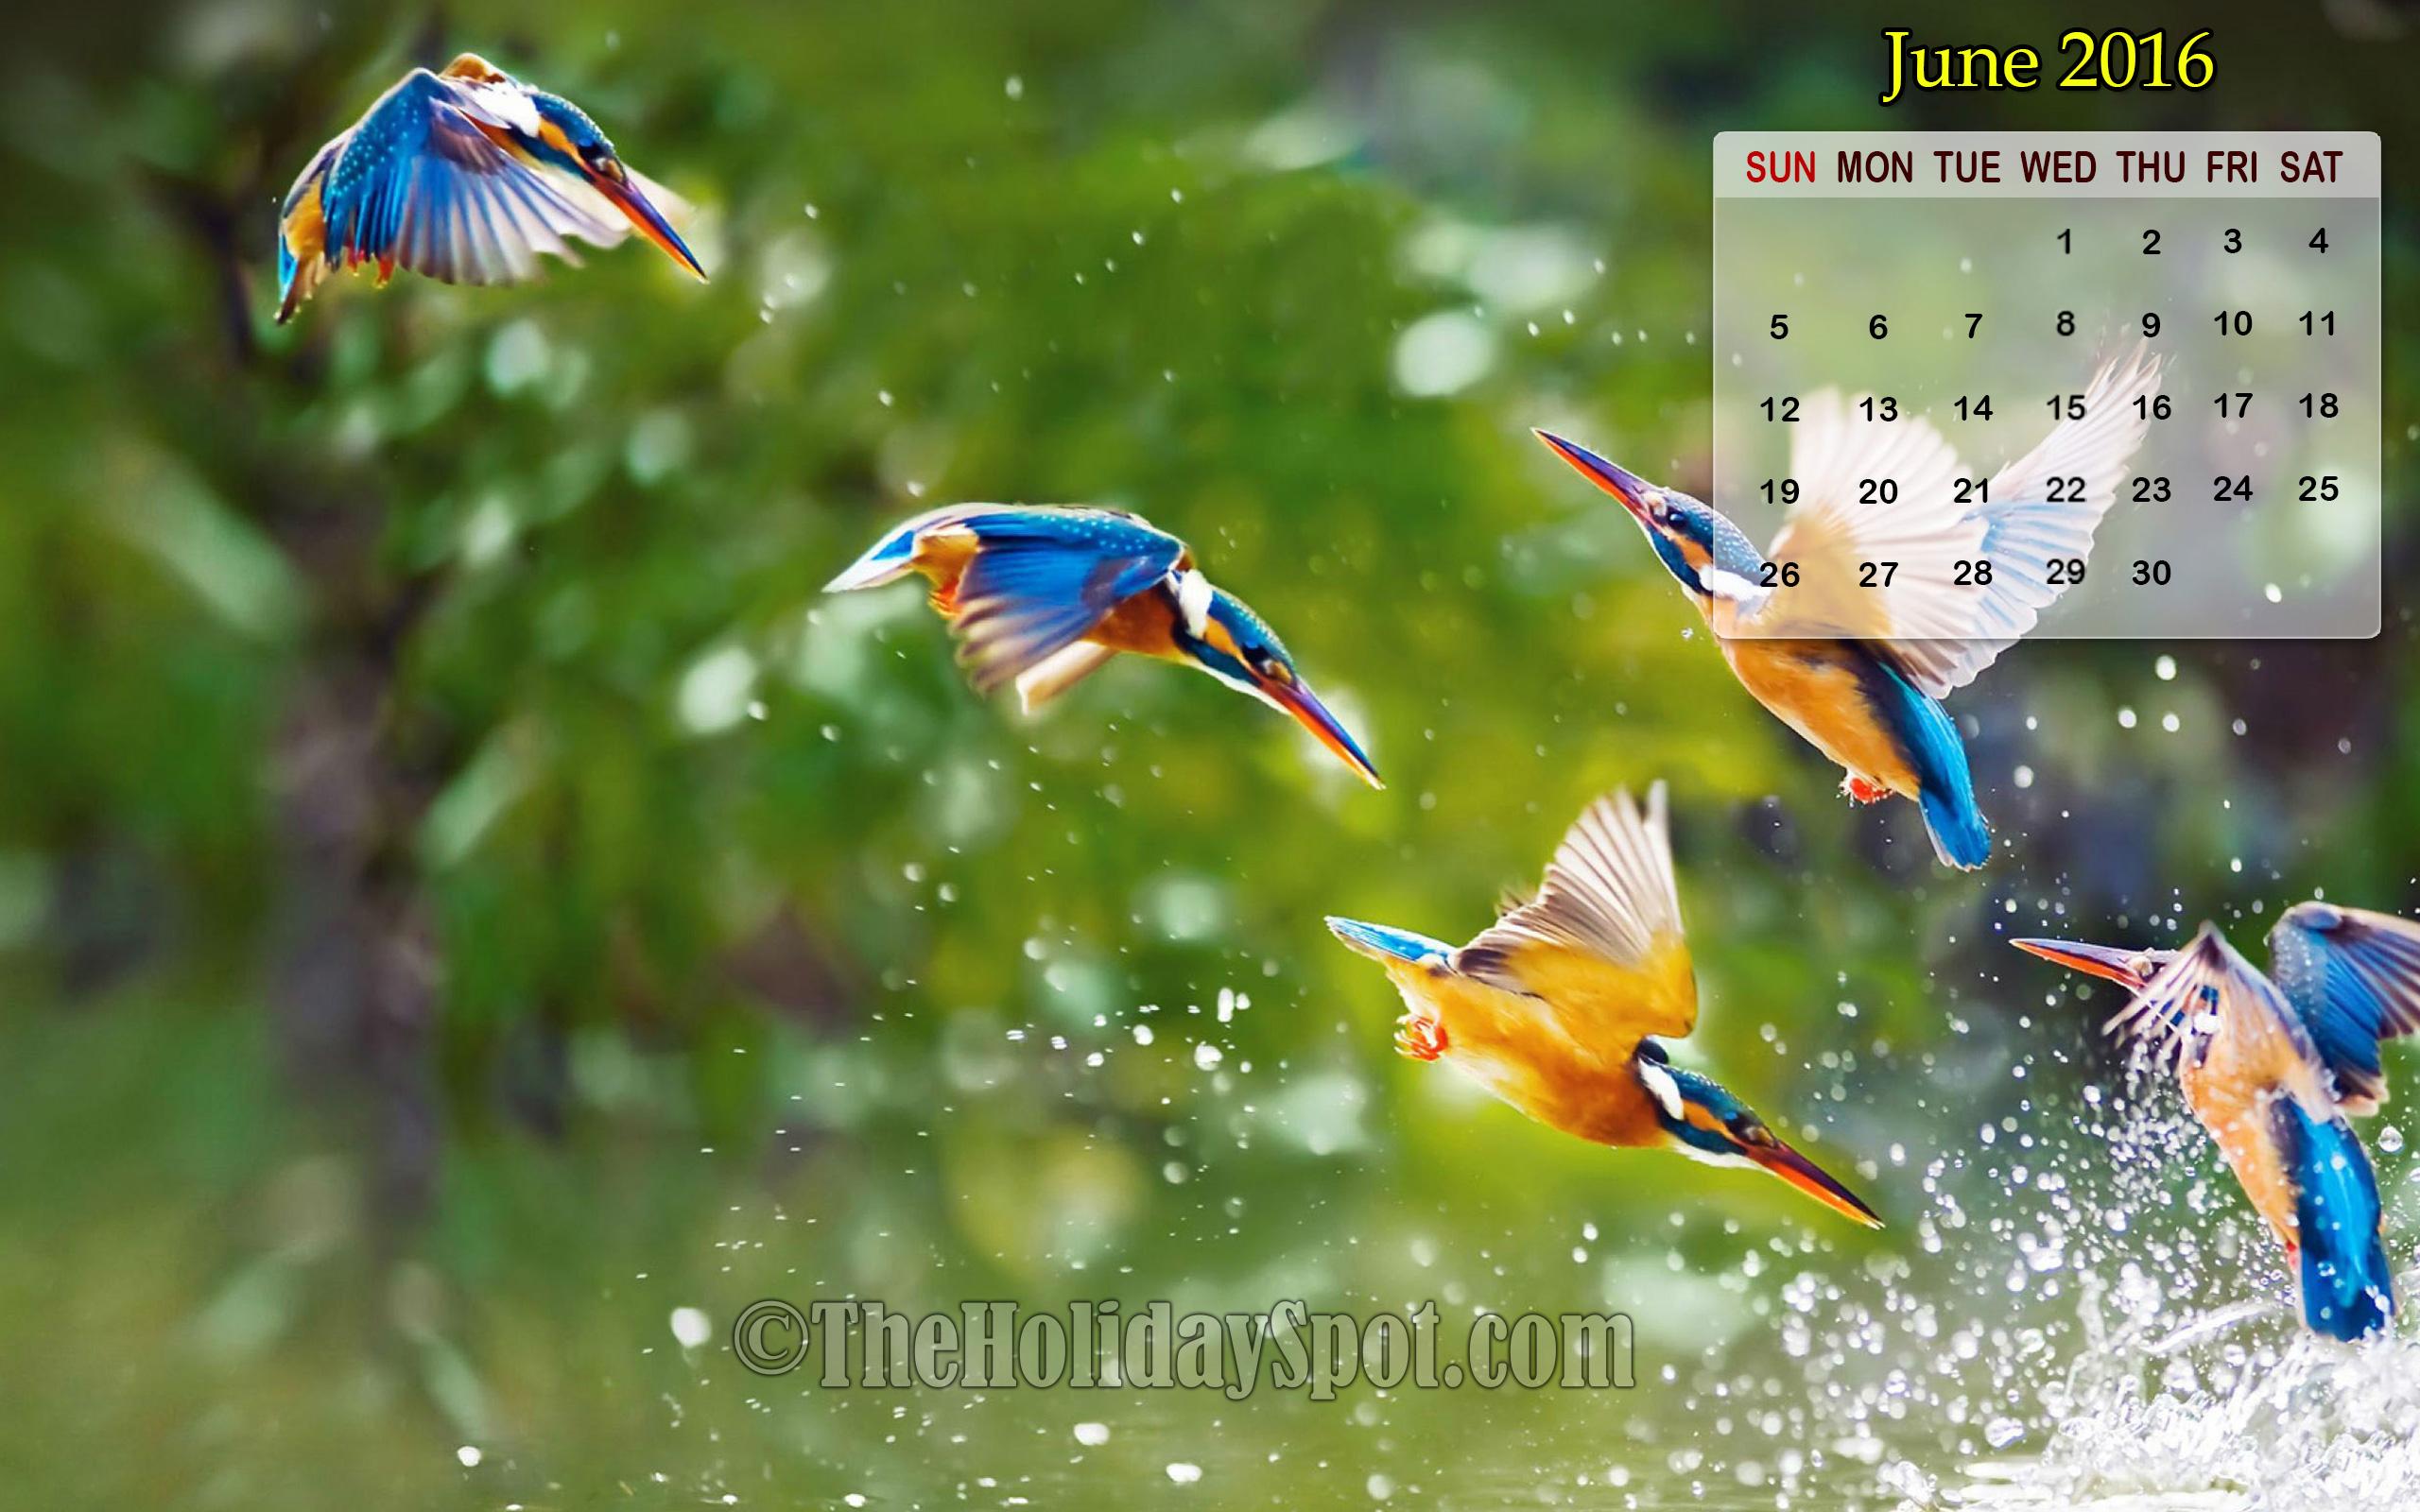 Month wise Calendar Wallpapers September Calendar Wallpaper 2016 2560x1600